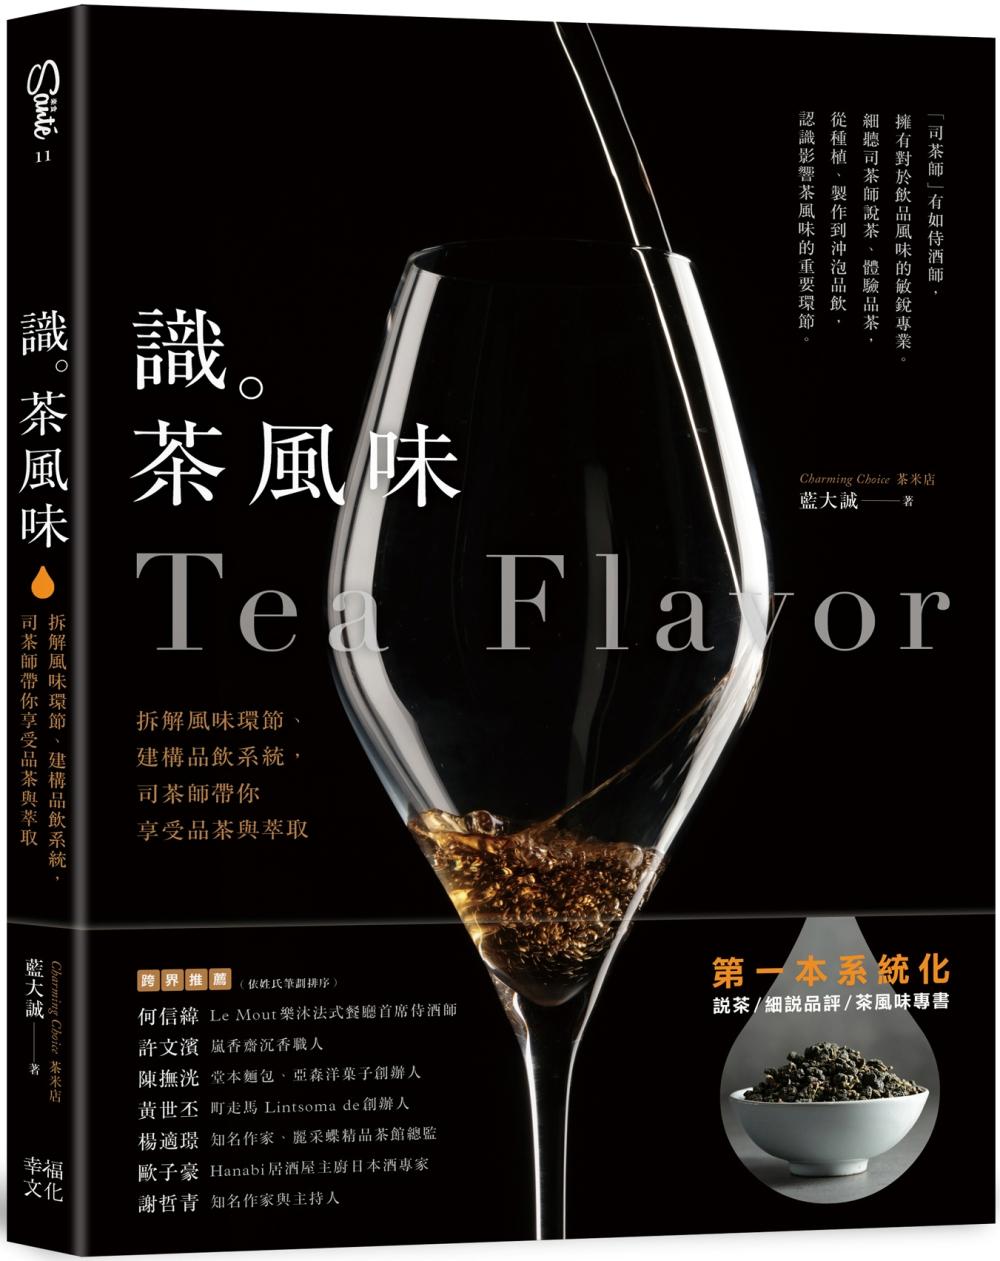 ◤博客來BOOKS◢ 暢銷書榜《推薦》識茶風味:拆解風味環節、建構品飲系統,司茶師帶你享受品飲與萃取